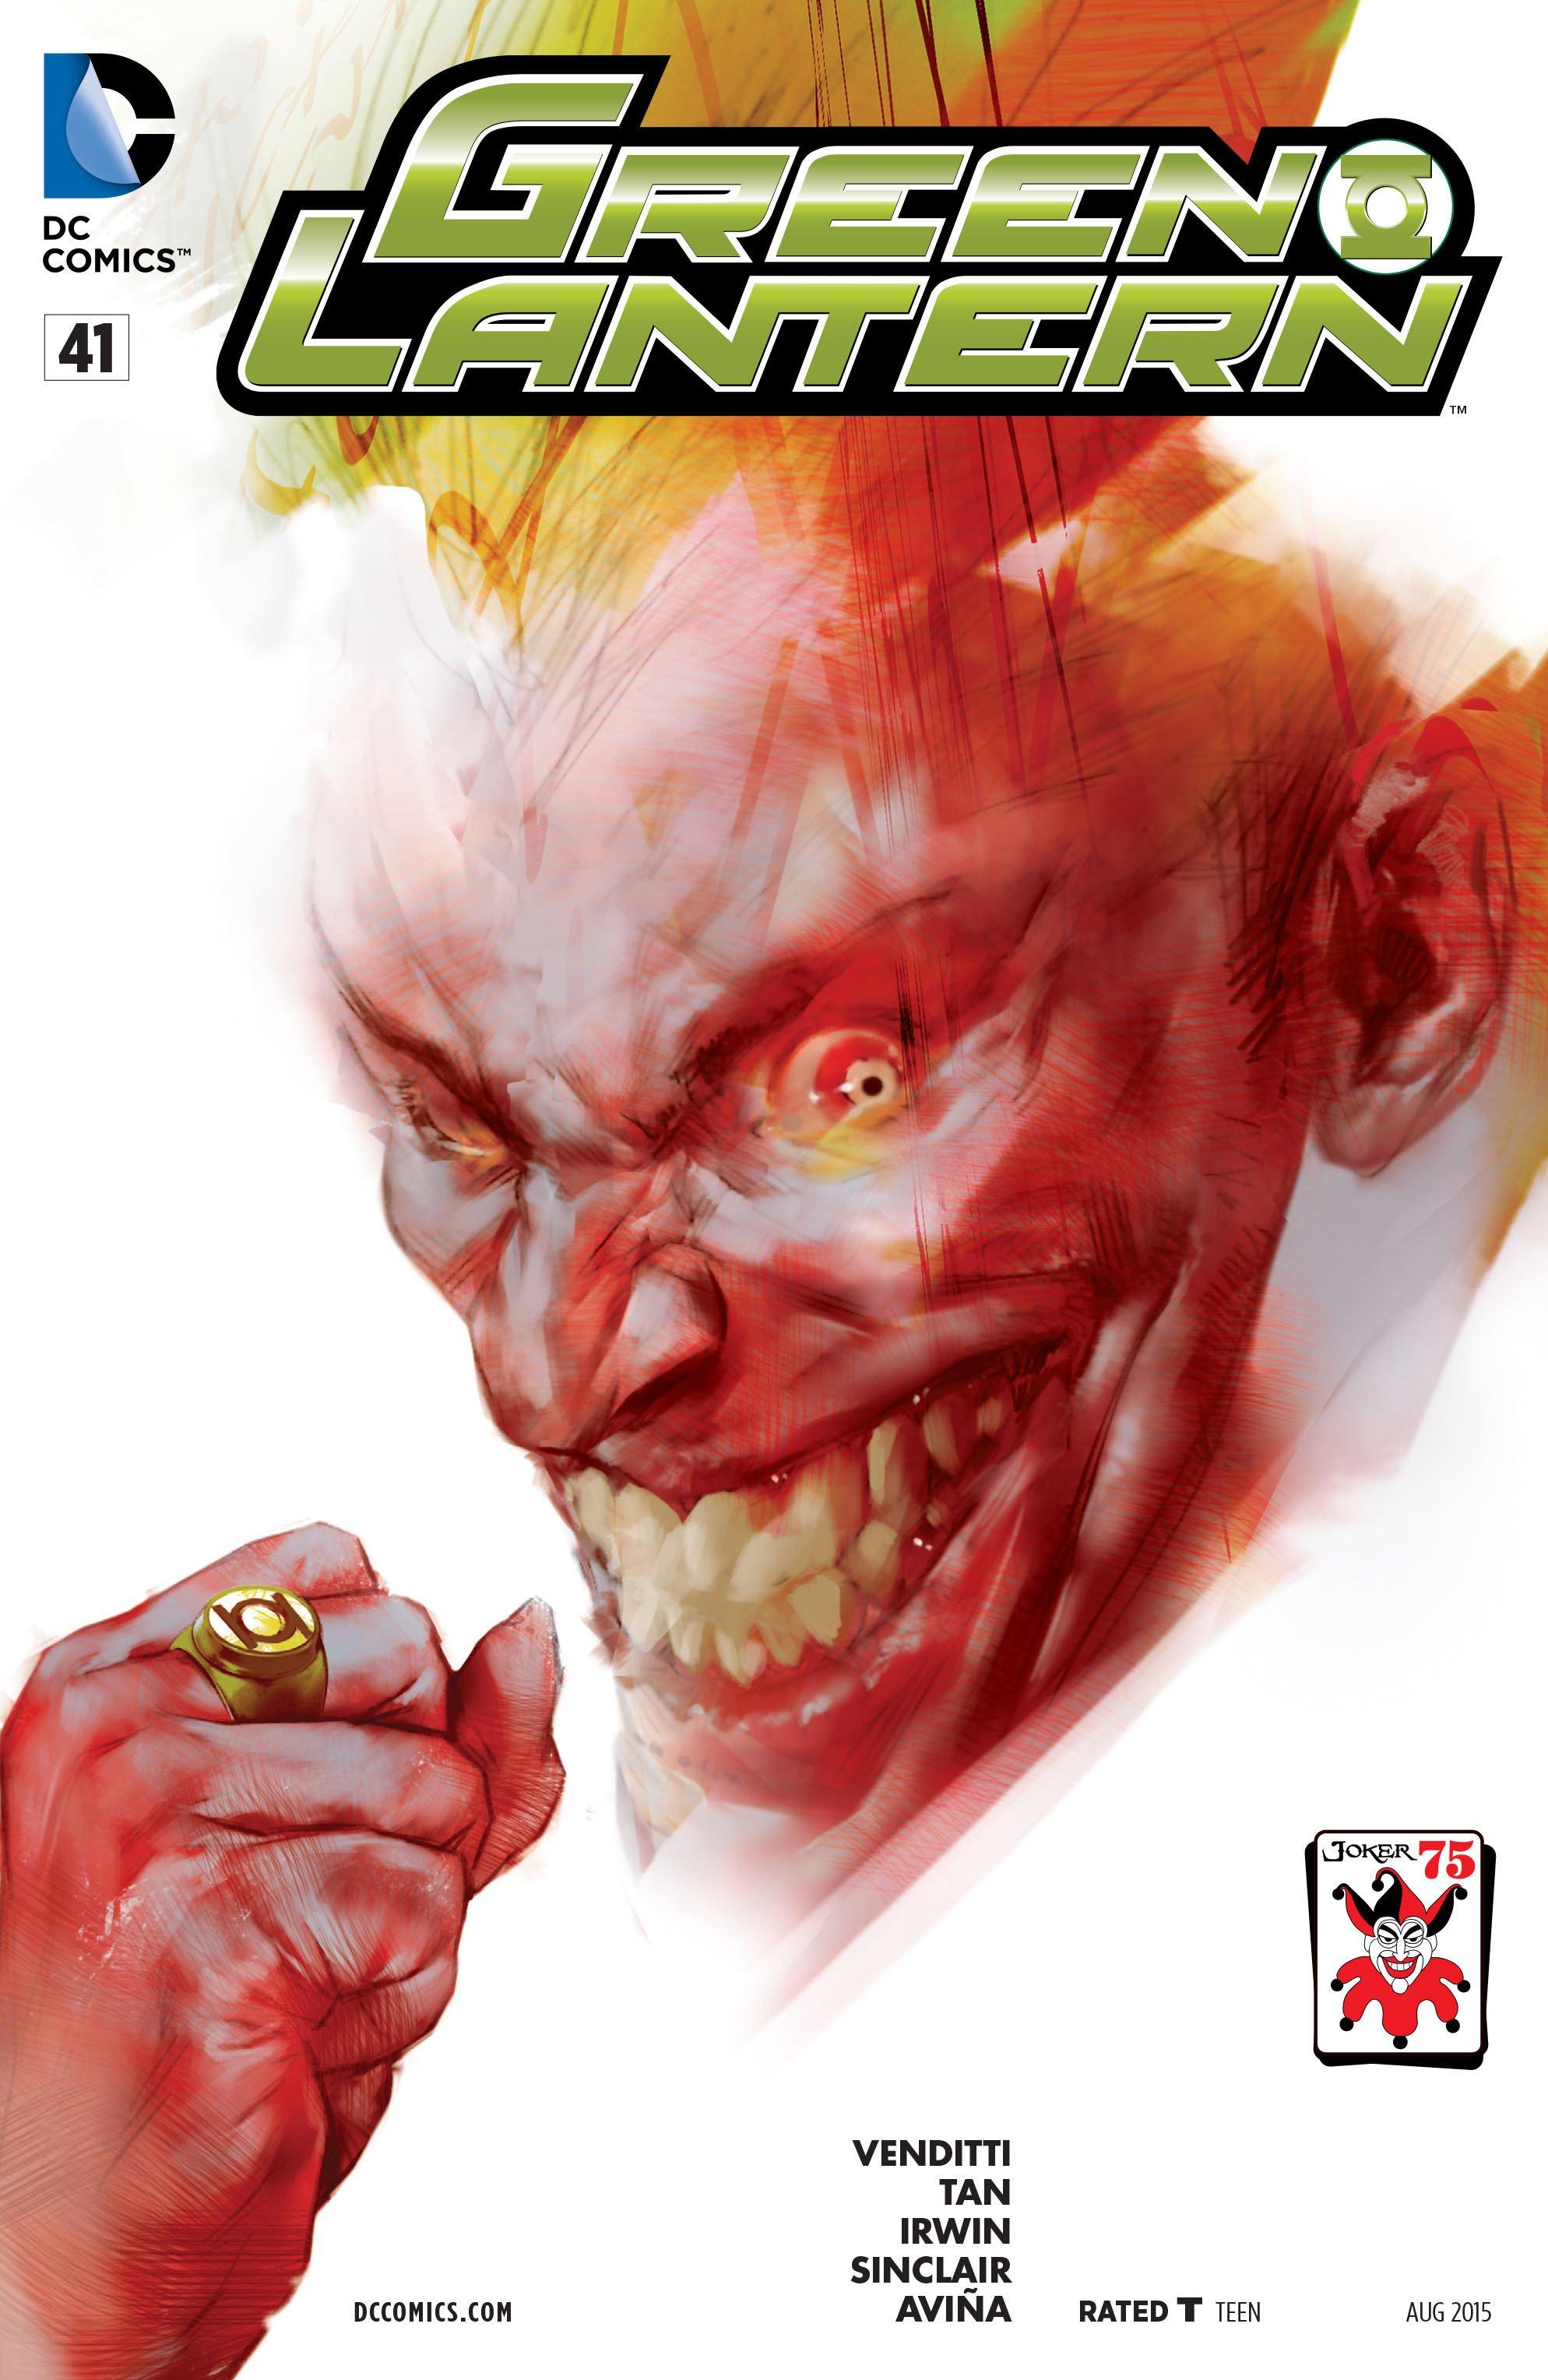 JOKER 75 обложки от DC.. - Изображение 3